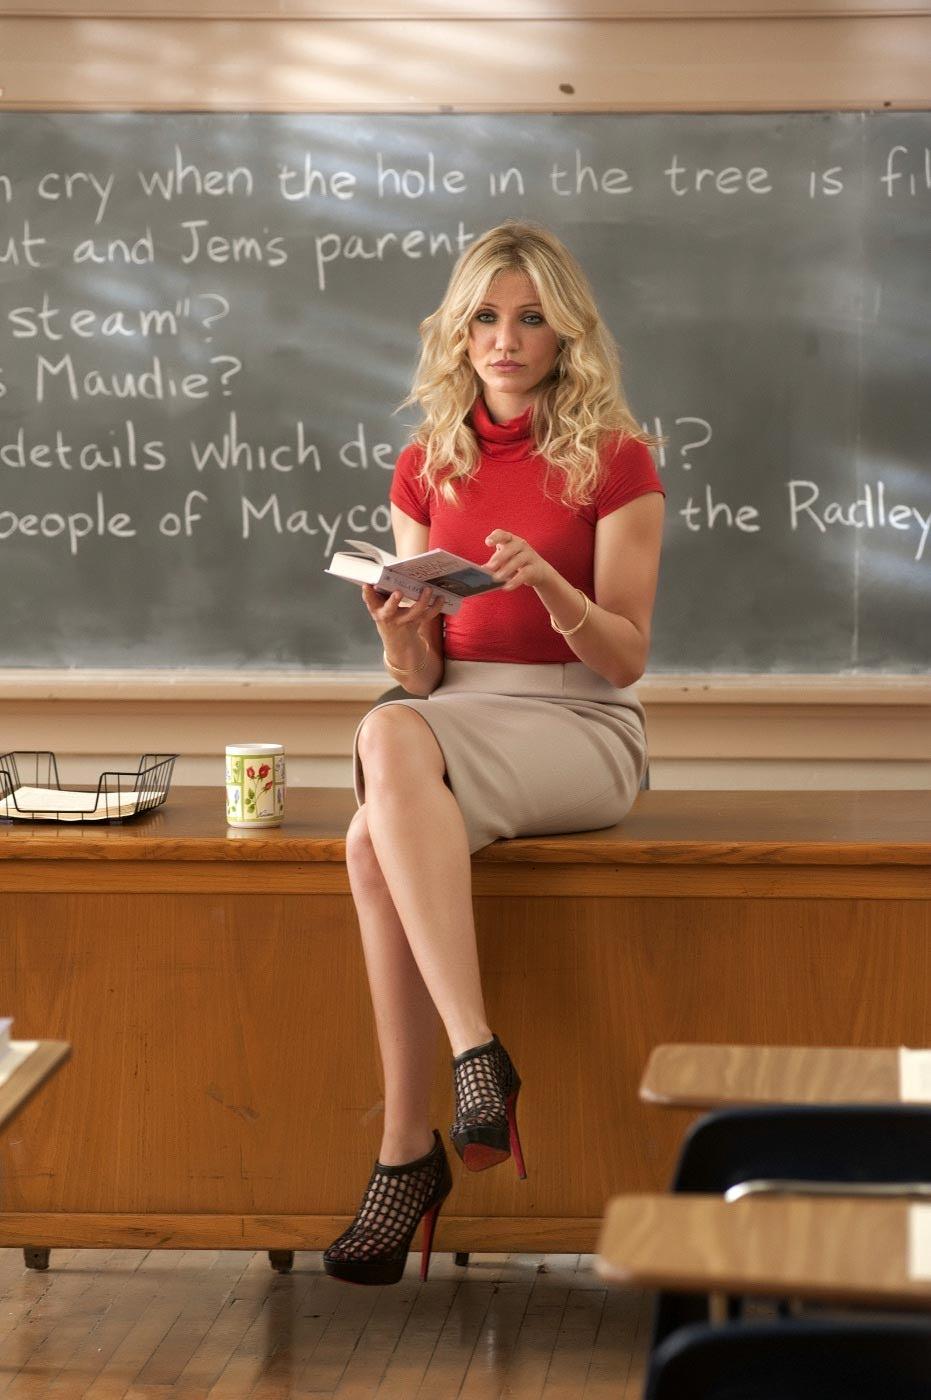 http://4.bp.blogspot.com/-Ucnr5mvxUx8/Tg60zz-U-BI/AAAAAAAAHBE/NLlxU2GSifs/s1600/Bad+Teacher+001.bmp